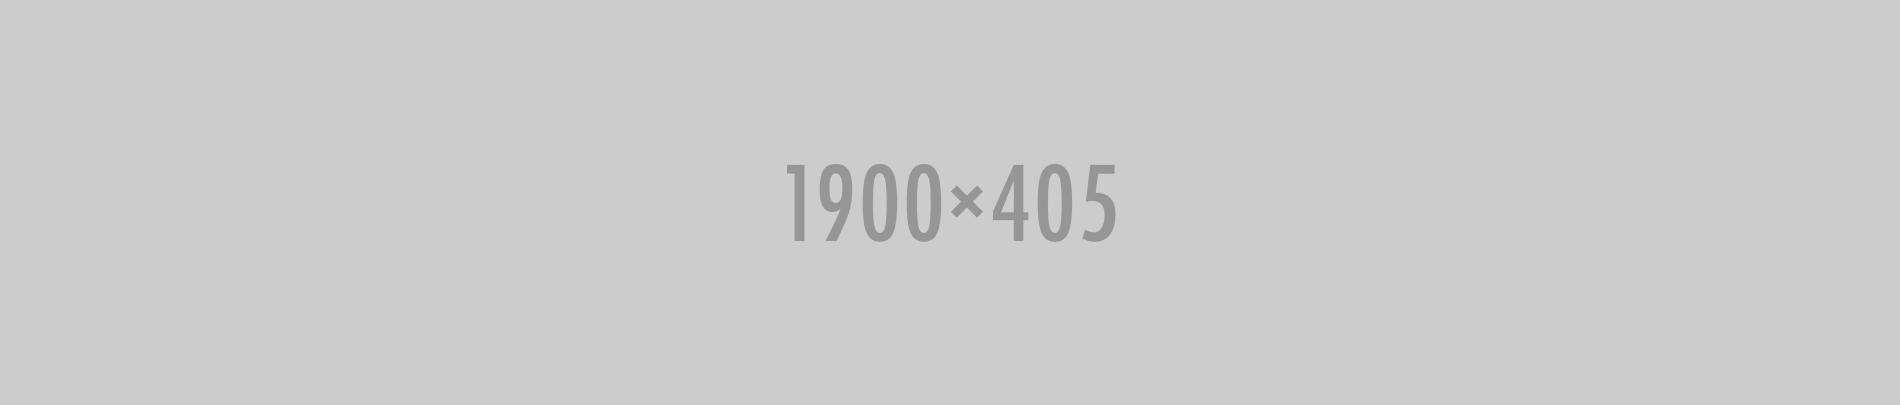 1900x405 Demo Image